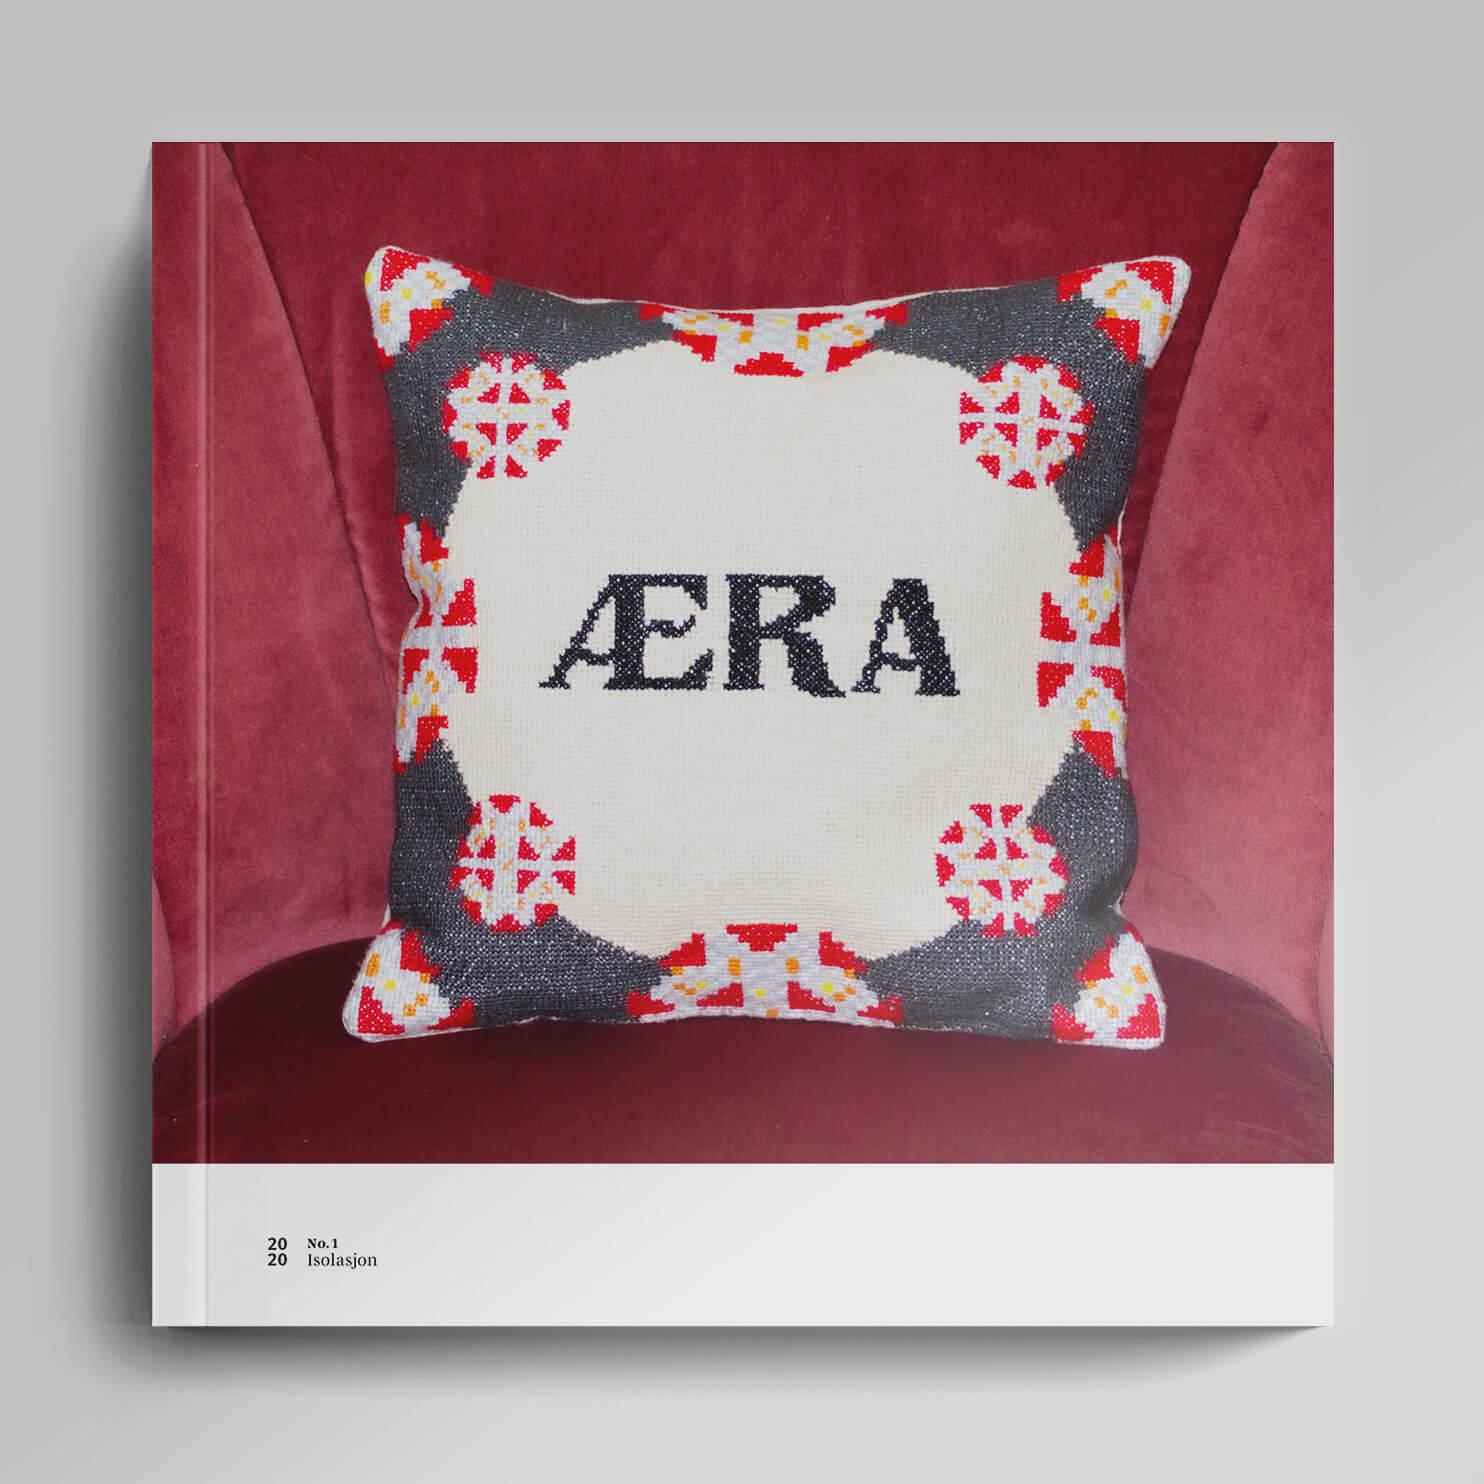 Westerdals Institutt for Kommunikasjon og Design - ÆRA